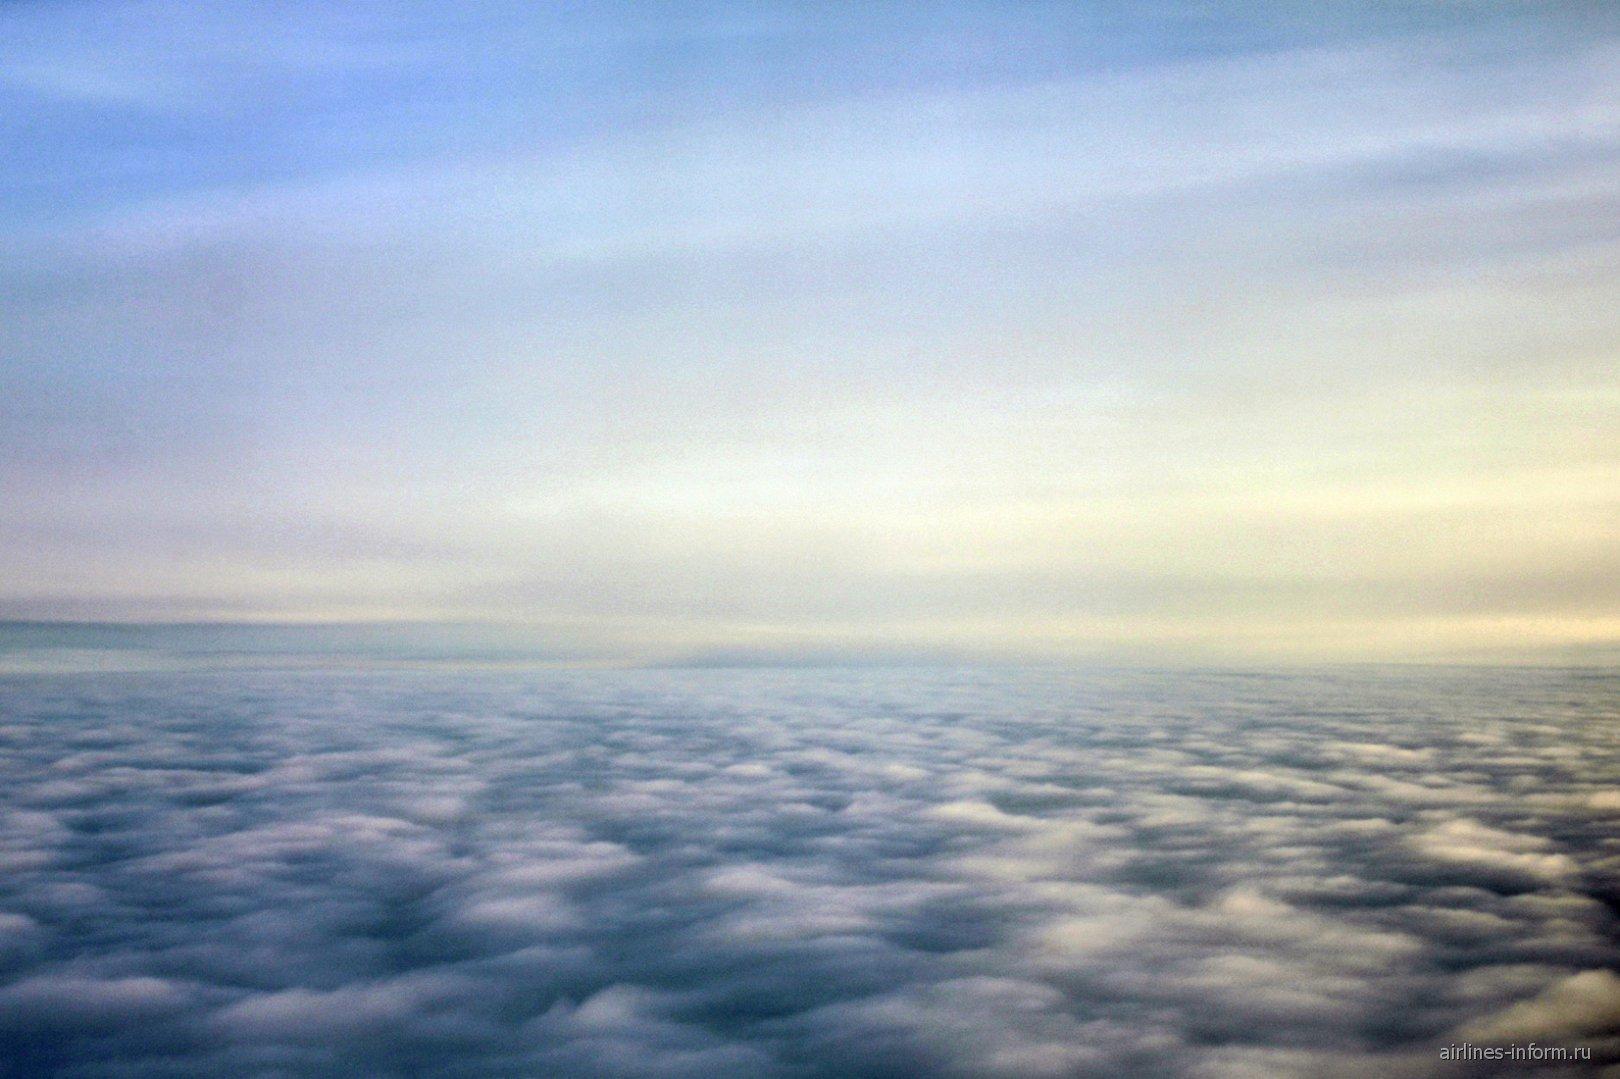 Облака над Финляндией